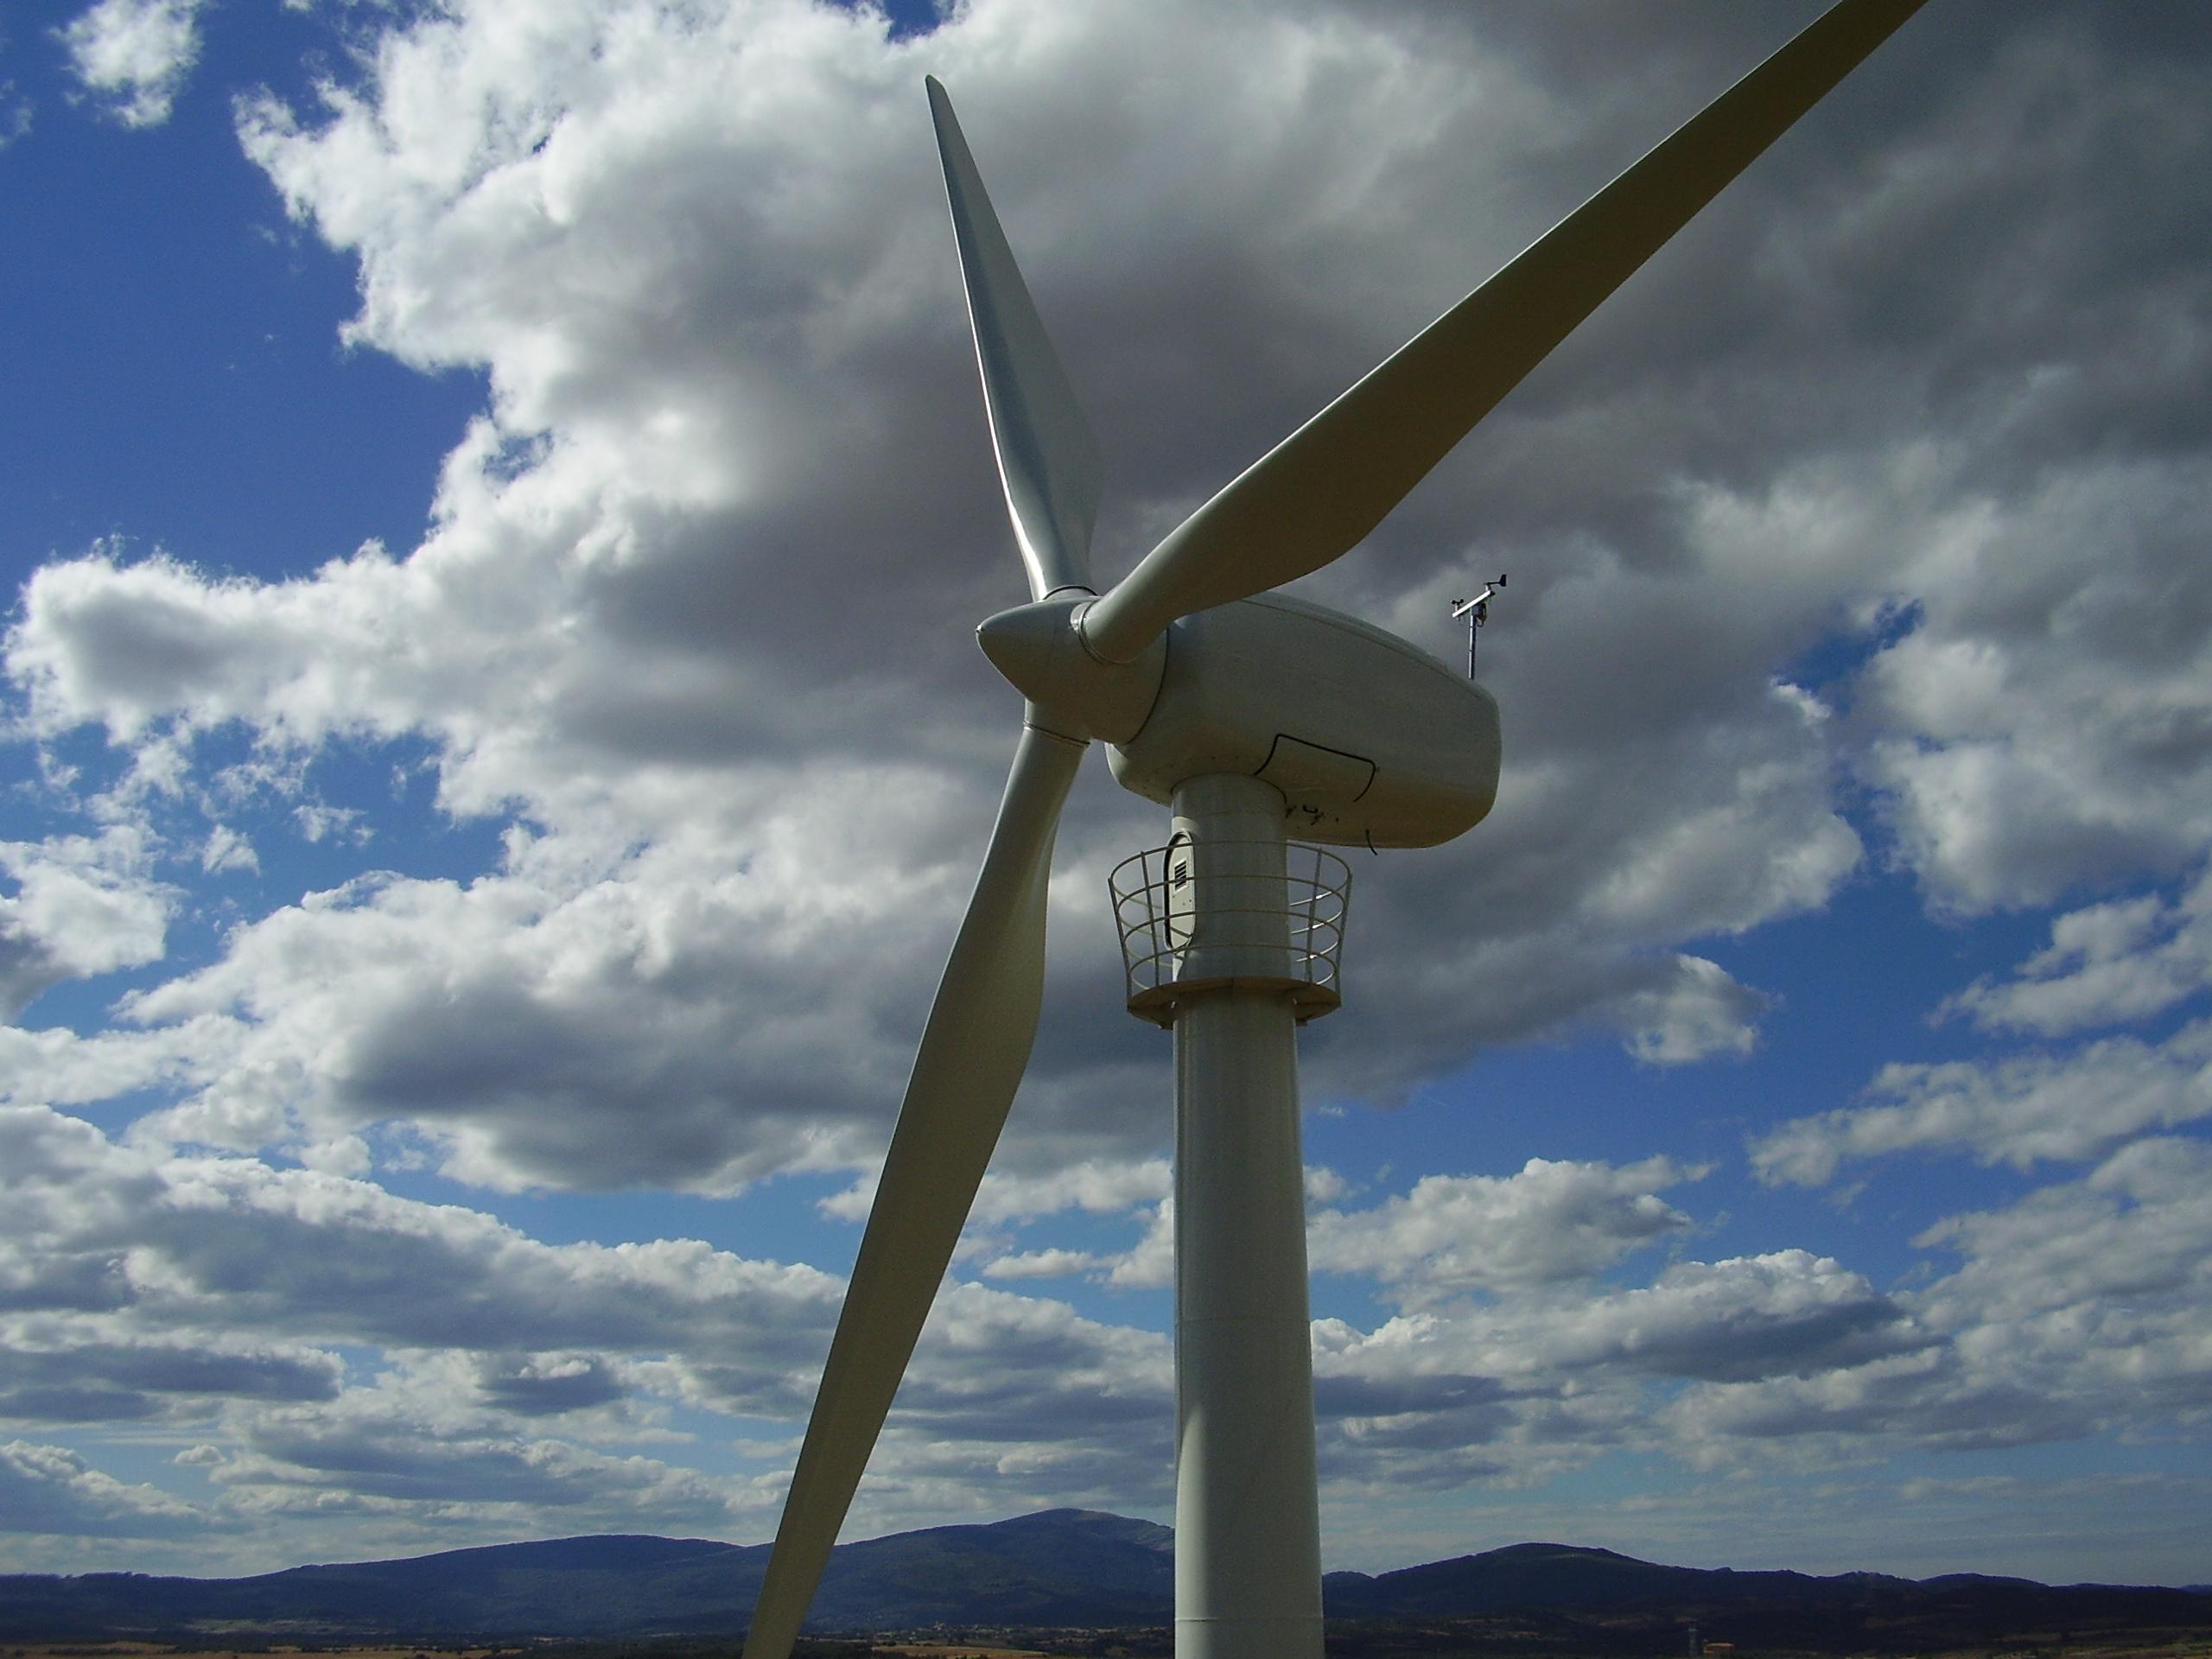 La española Assyce se alía con Acodike para desarrollar renovables en Uruguay